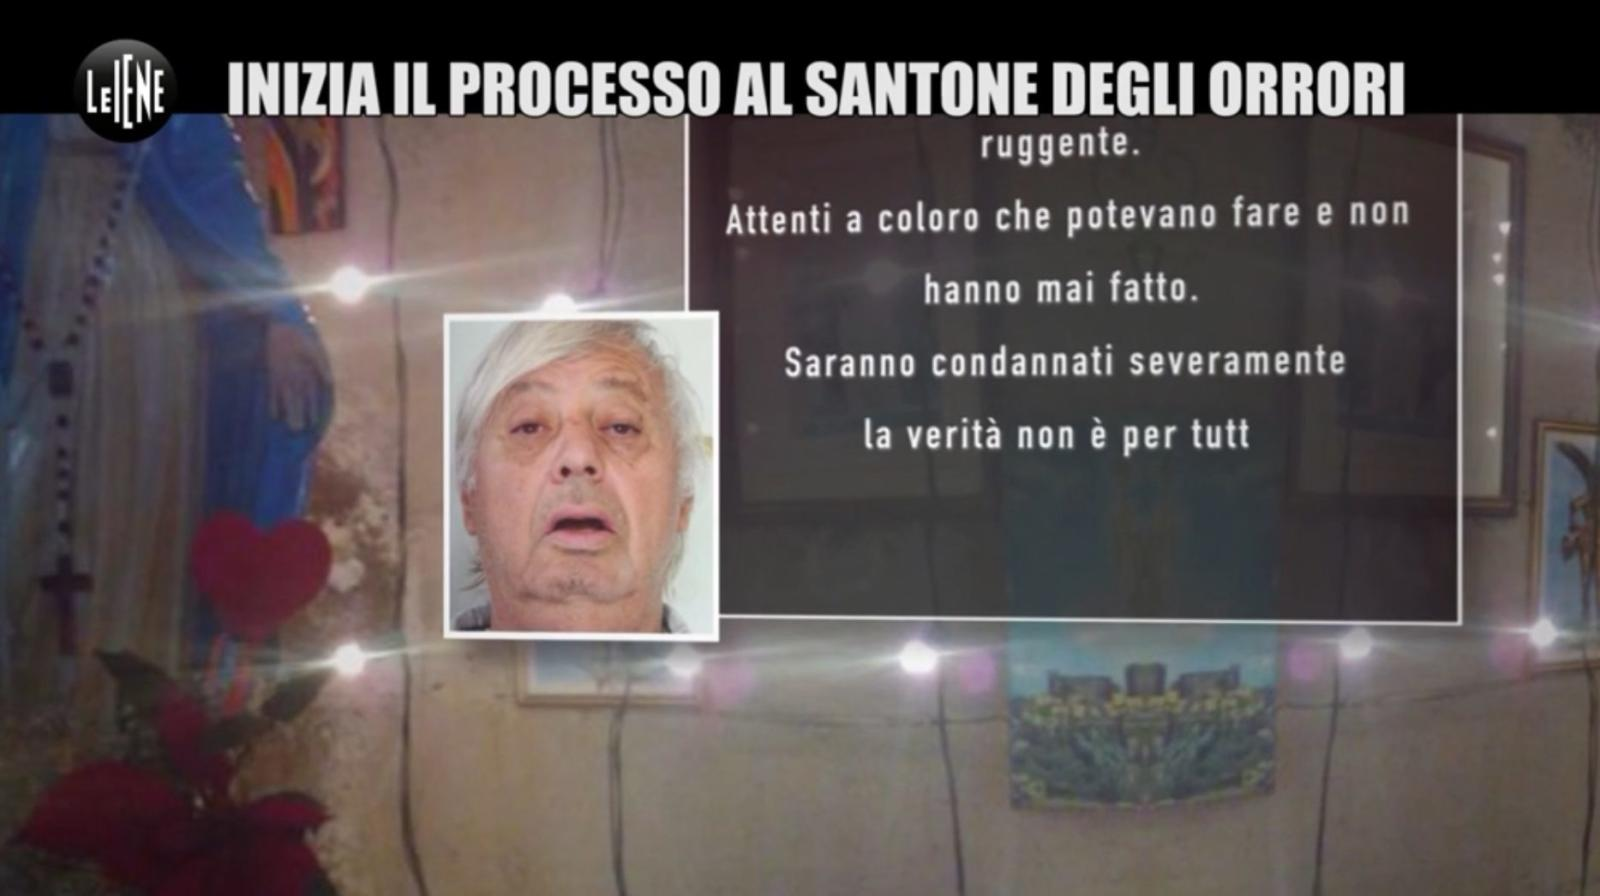 """Aci Bonaccorsi, """"Le Iene"""" tornano a occuparsi del 'santone' Capuana: """"Violenze nella navata della chiesa di Lavina"""" (VIDEO)"""